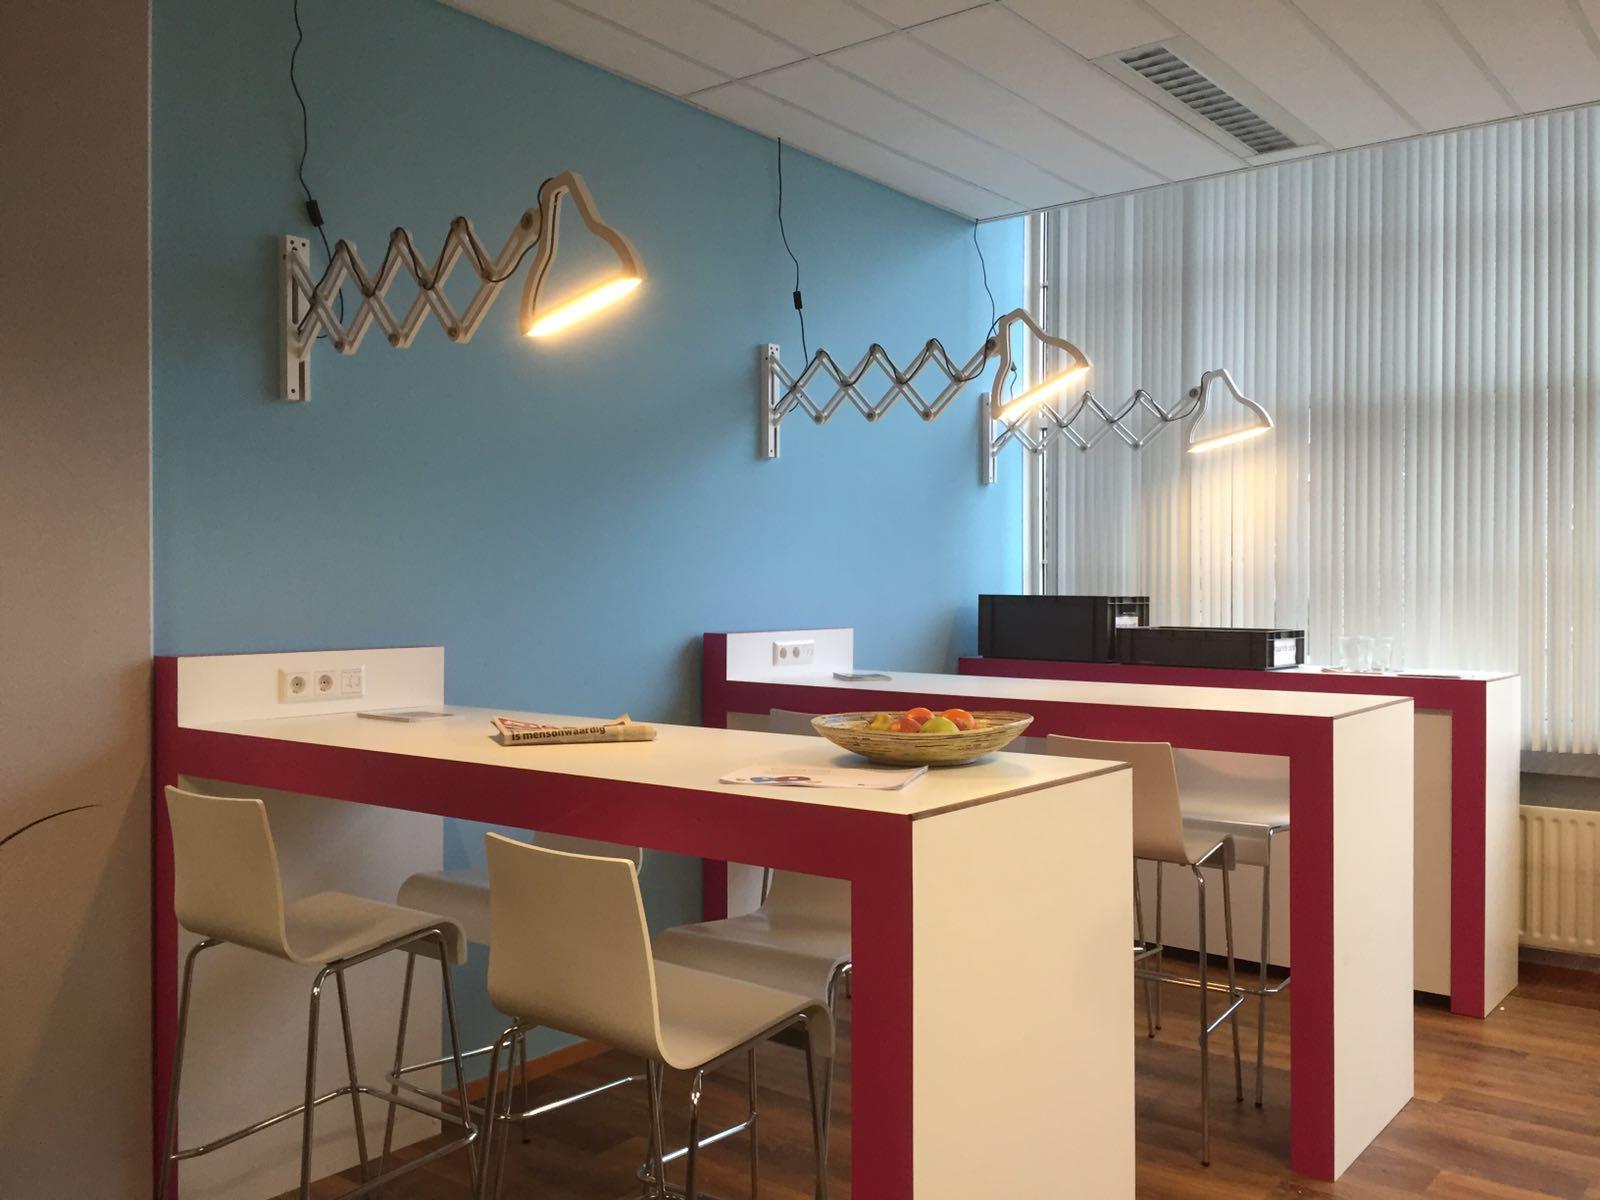 Lichtontwerp ID Binnenhuisarchotectuur Beverwijk